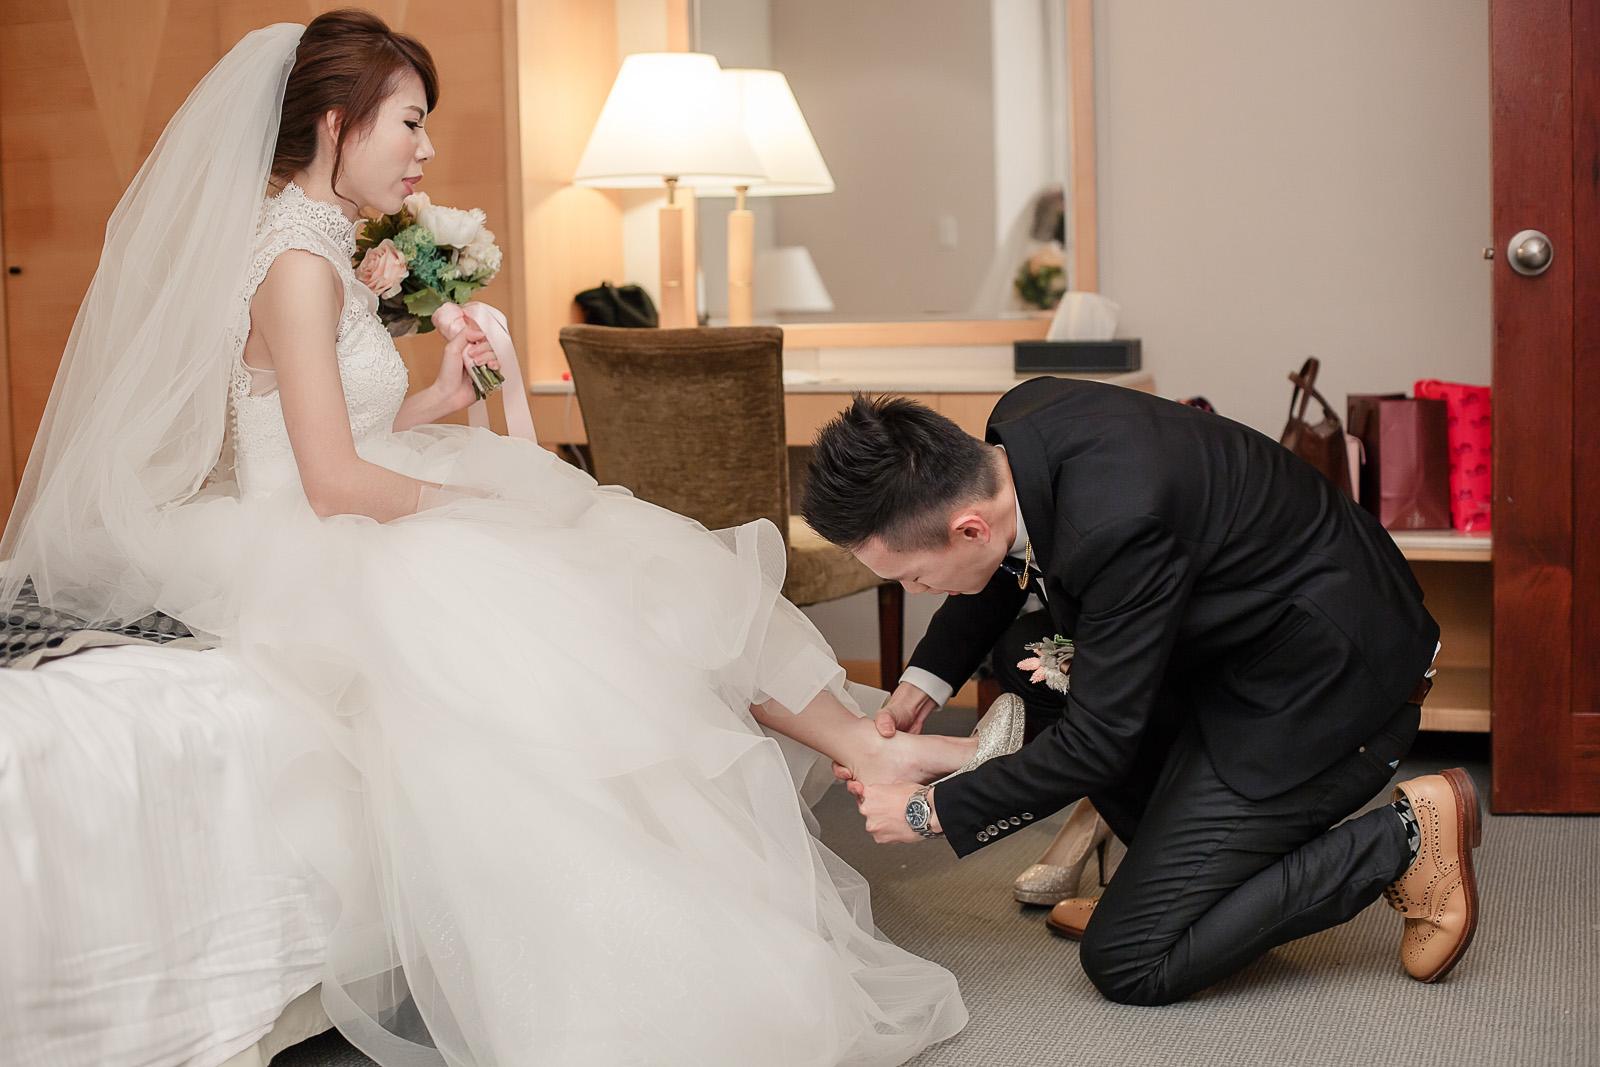 高雄圓山飯店,婚禮攝影,婚攝,高雄婚攝,優質婚攝推薦,Jen&Ethan-136